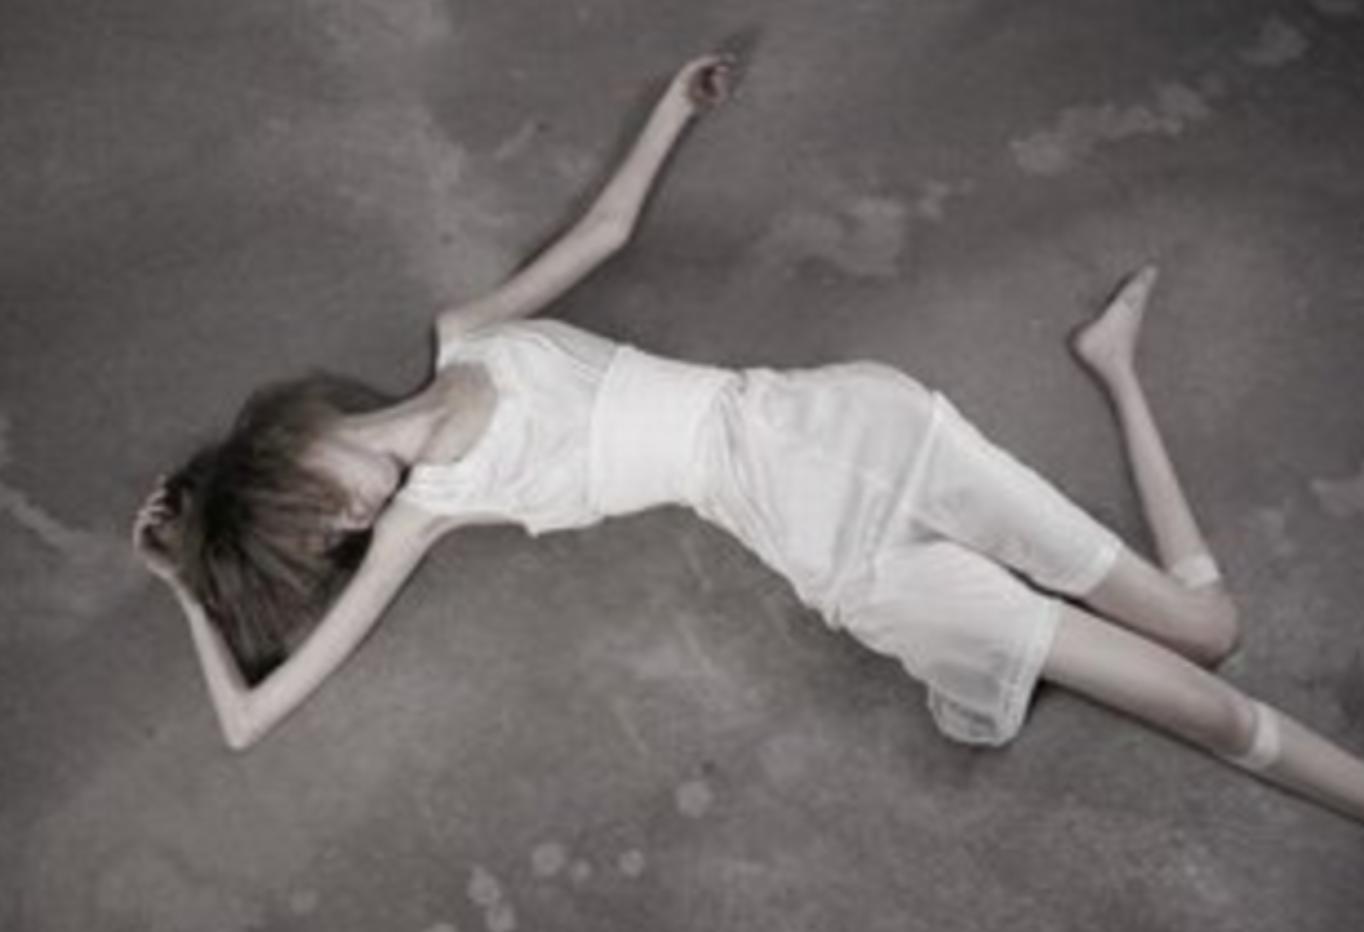 【宗教、洗脳】13歳の少女が68日間の◯◯の末、2日後に死亡。。。その背景には震えるような宗教の闇の部分があった。。。